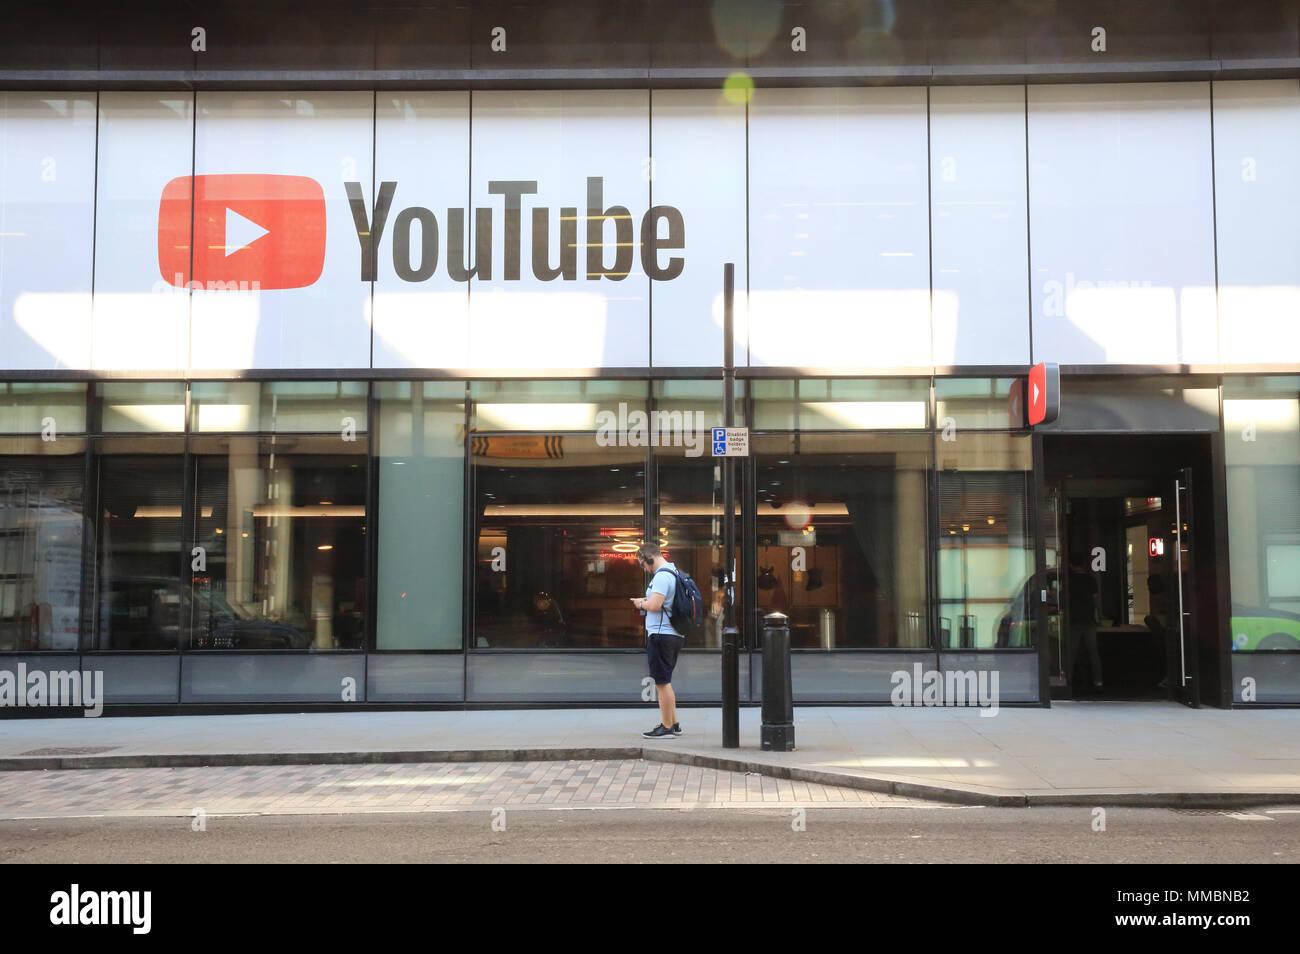 Spaces Rue De Londres google's youtube space, sur la rue pancras, à kings cross, à